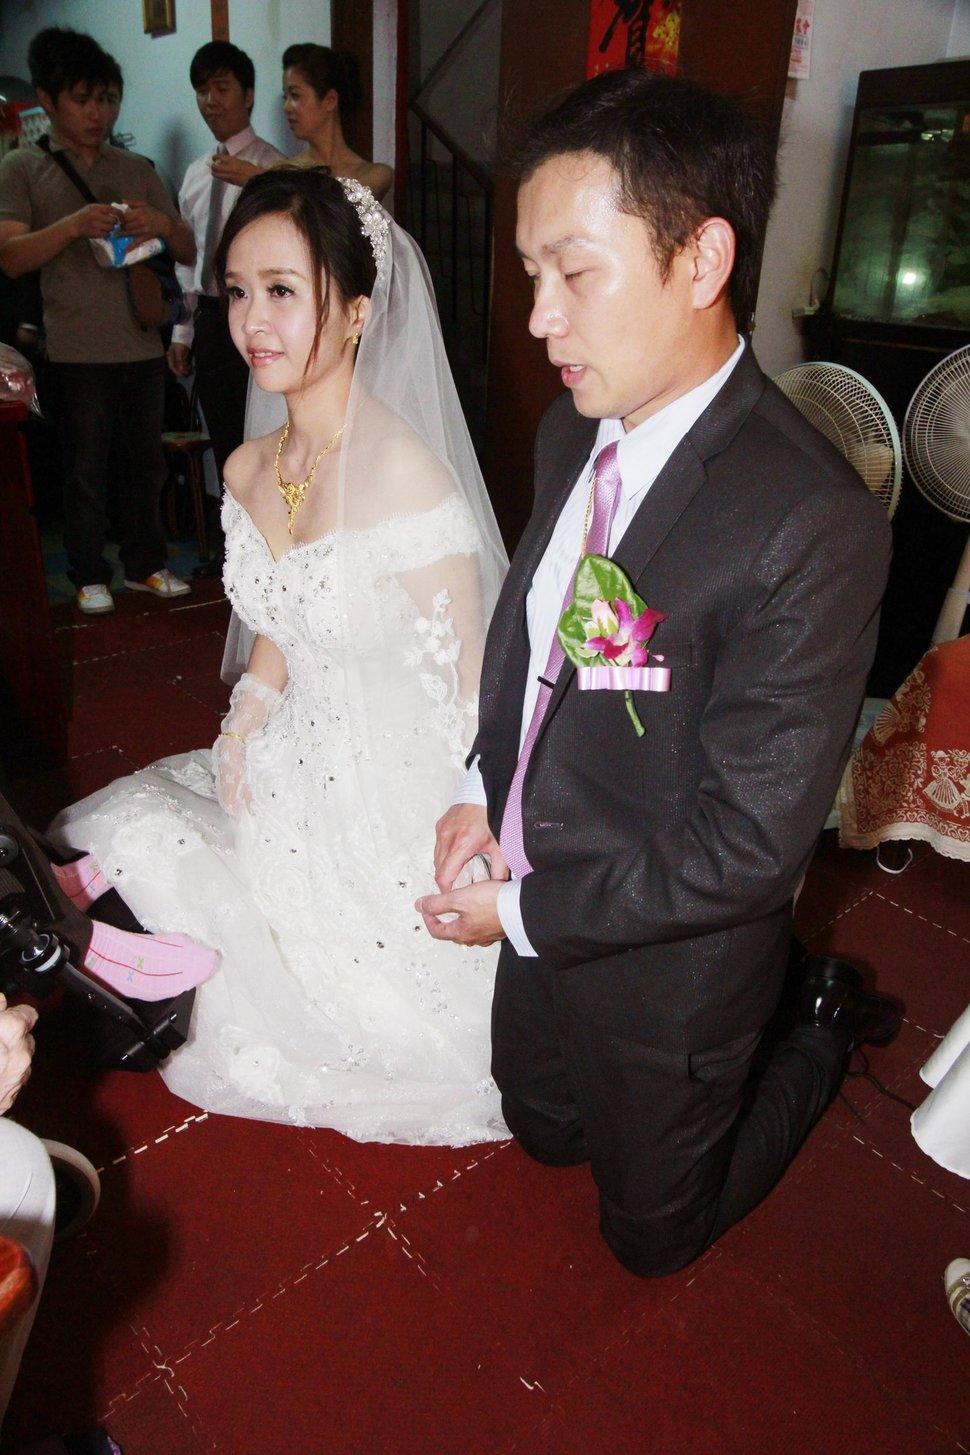 永和易牙居婚宴廣場宴會廳婚婚禮記錄結婚迎娶婚禮記錄動態微電影錄影專業錄影平面攝影婚攝婚禮(編號:213014) - 蜜月拍照10800錄影12800攝影團隊 - 結婚吧